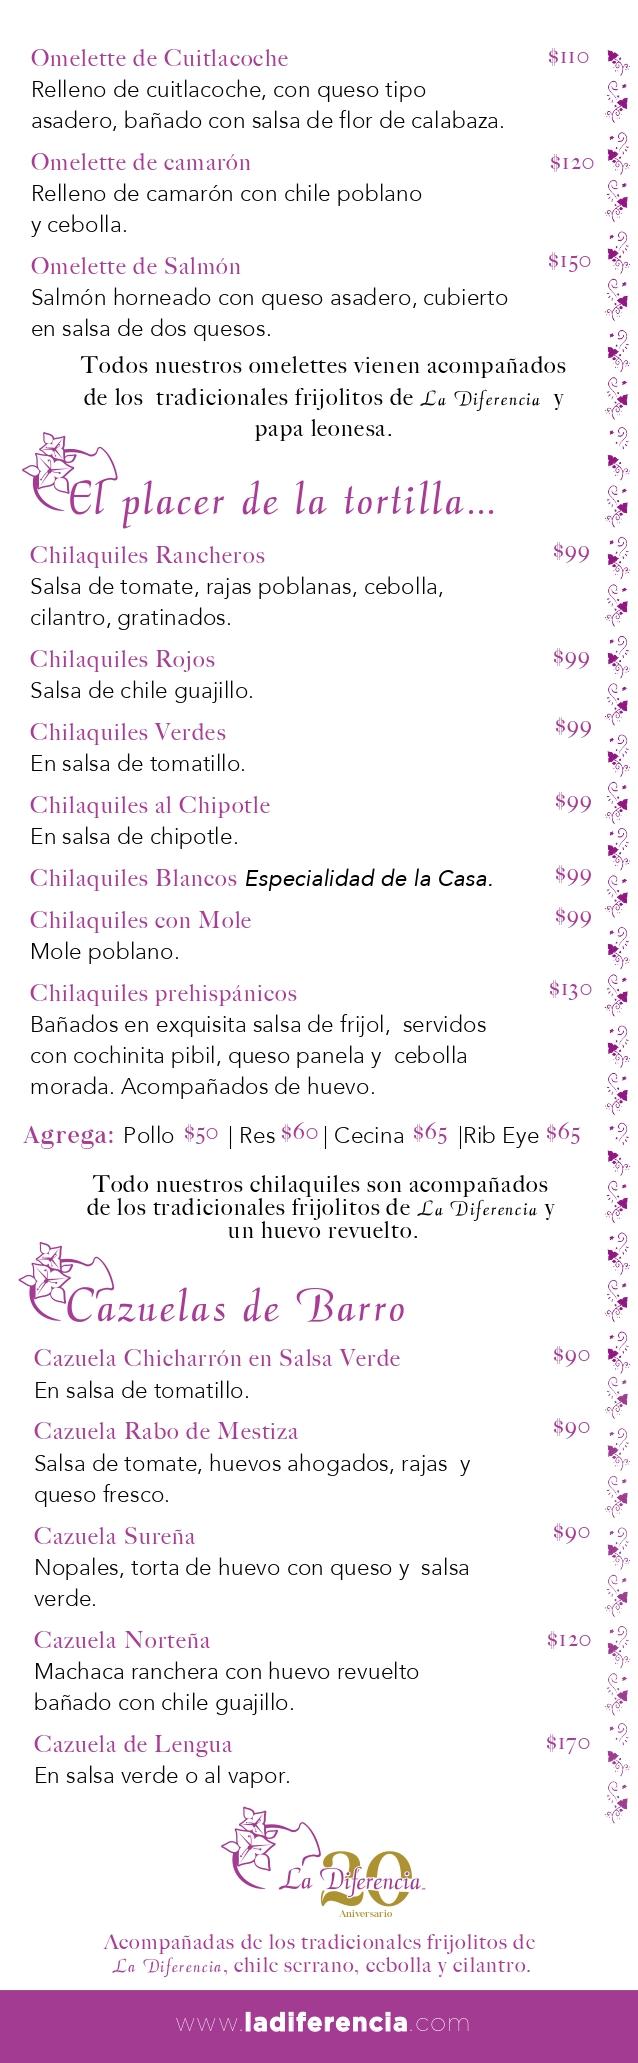 Menú-desayunos_La-Diferencia_2020_pages-to-jpg-0002